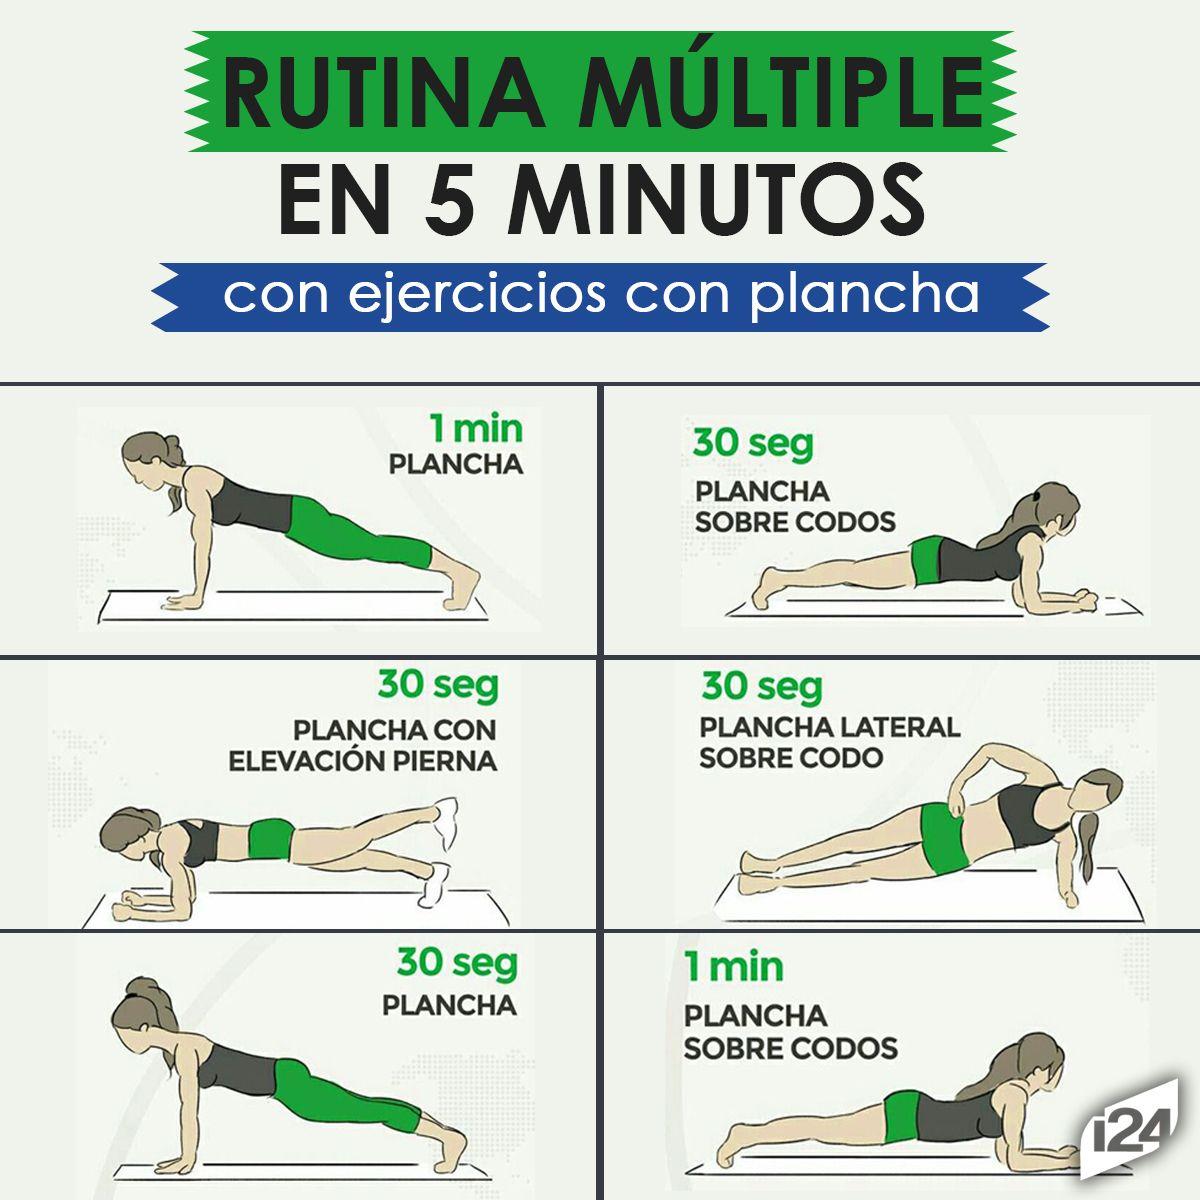 Rutina de ejercicios para bajar de peso y tonificar en